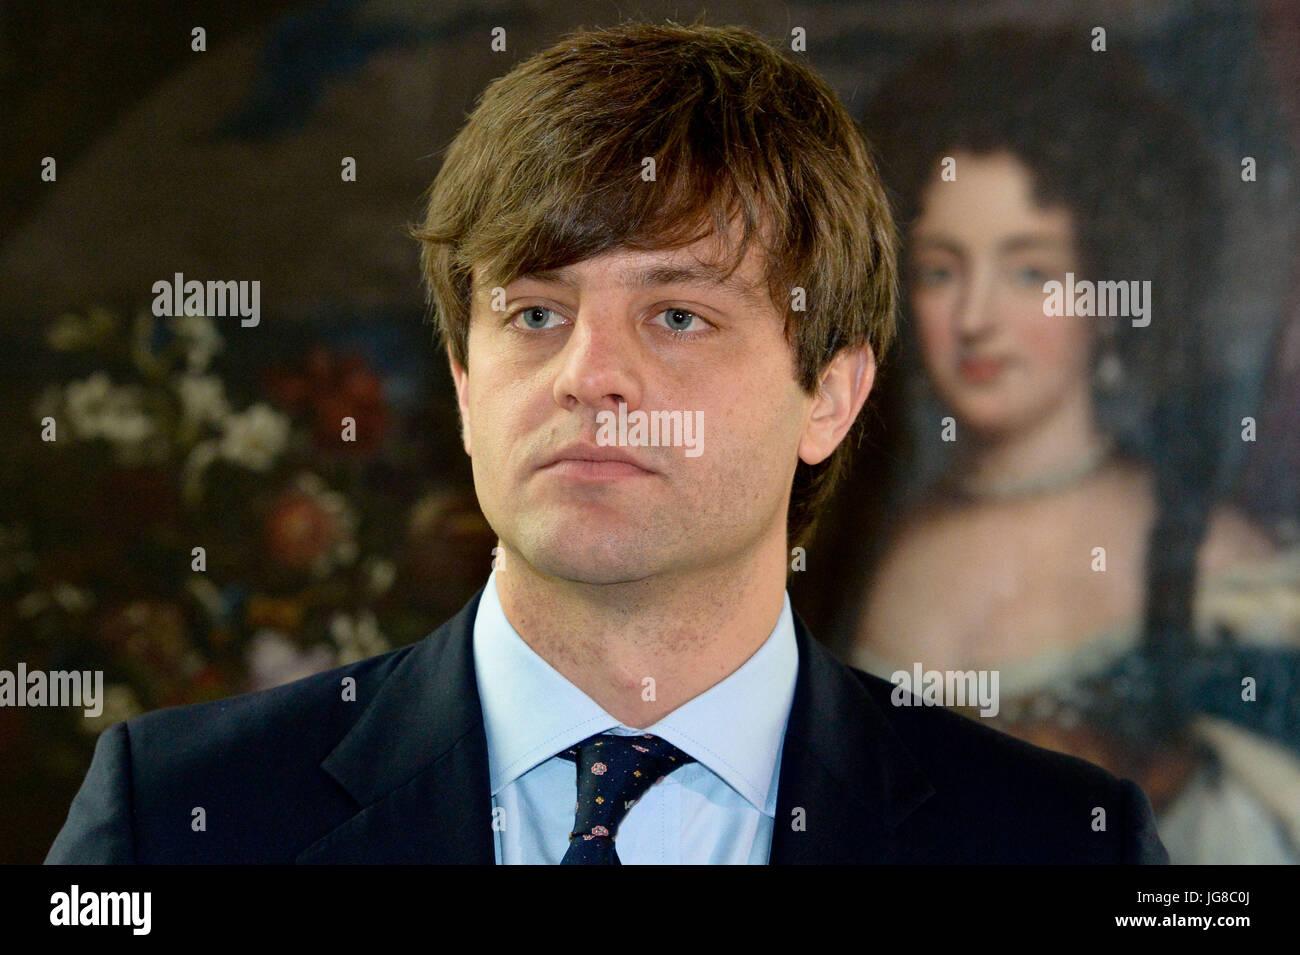 FILE - Il Principe Ernst August di Hannover, fotografata al Castello di Marienburg vicino a Pattensen, Germania, 11 aprile 2014. Foto: Peter Steffen/dpa Foto Stock